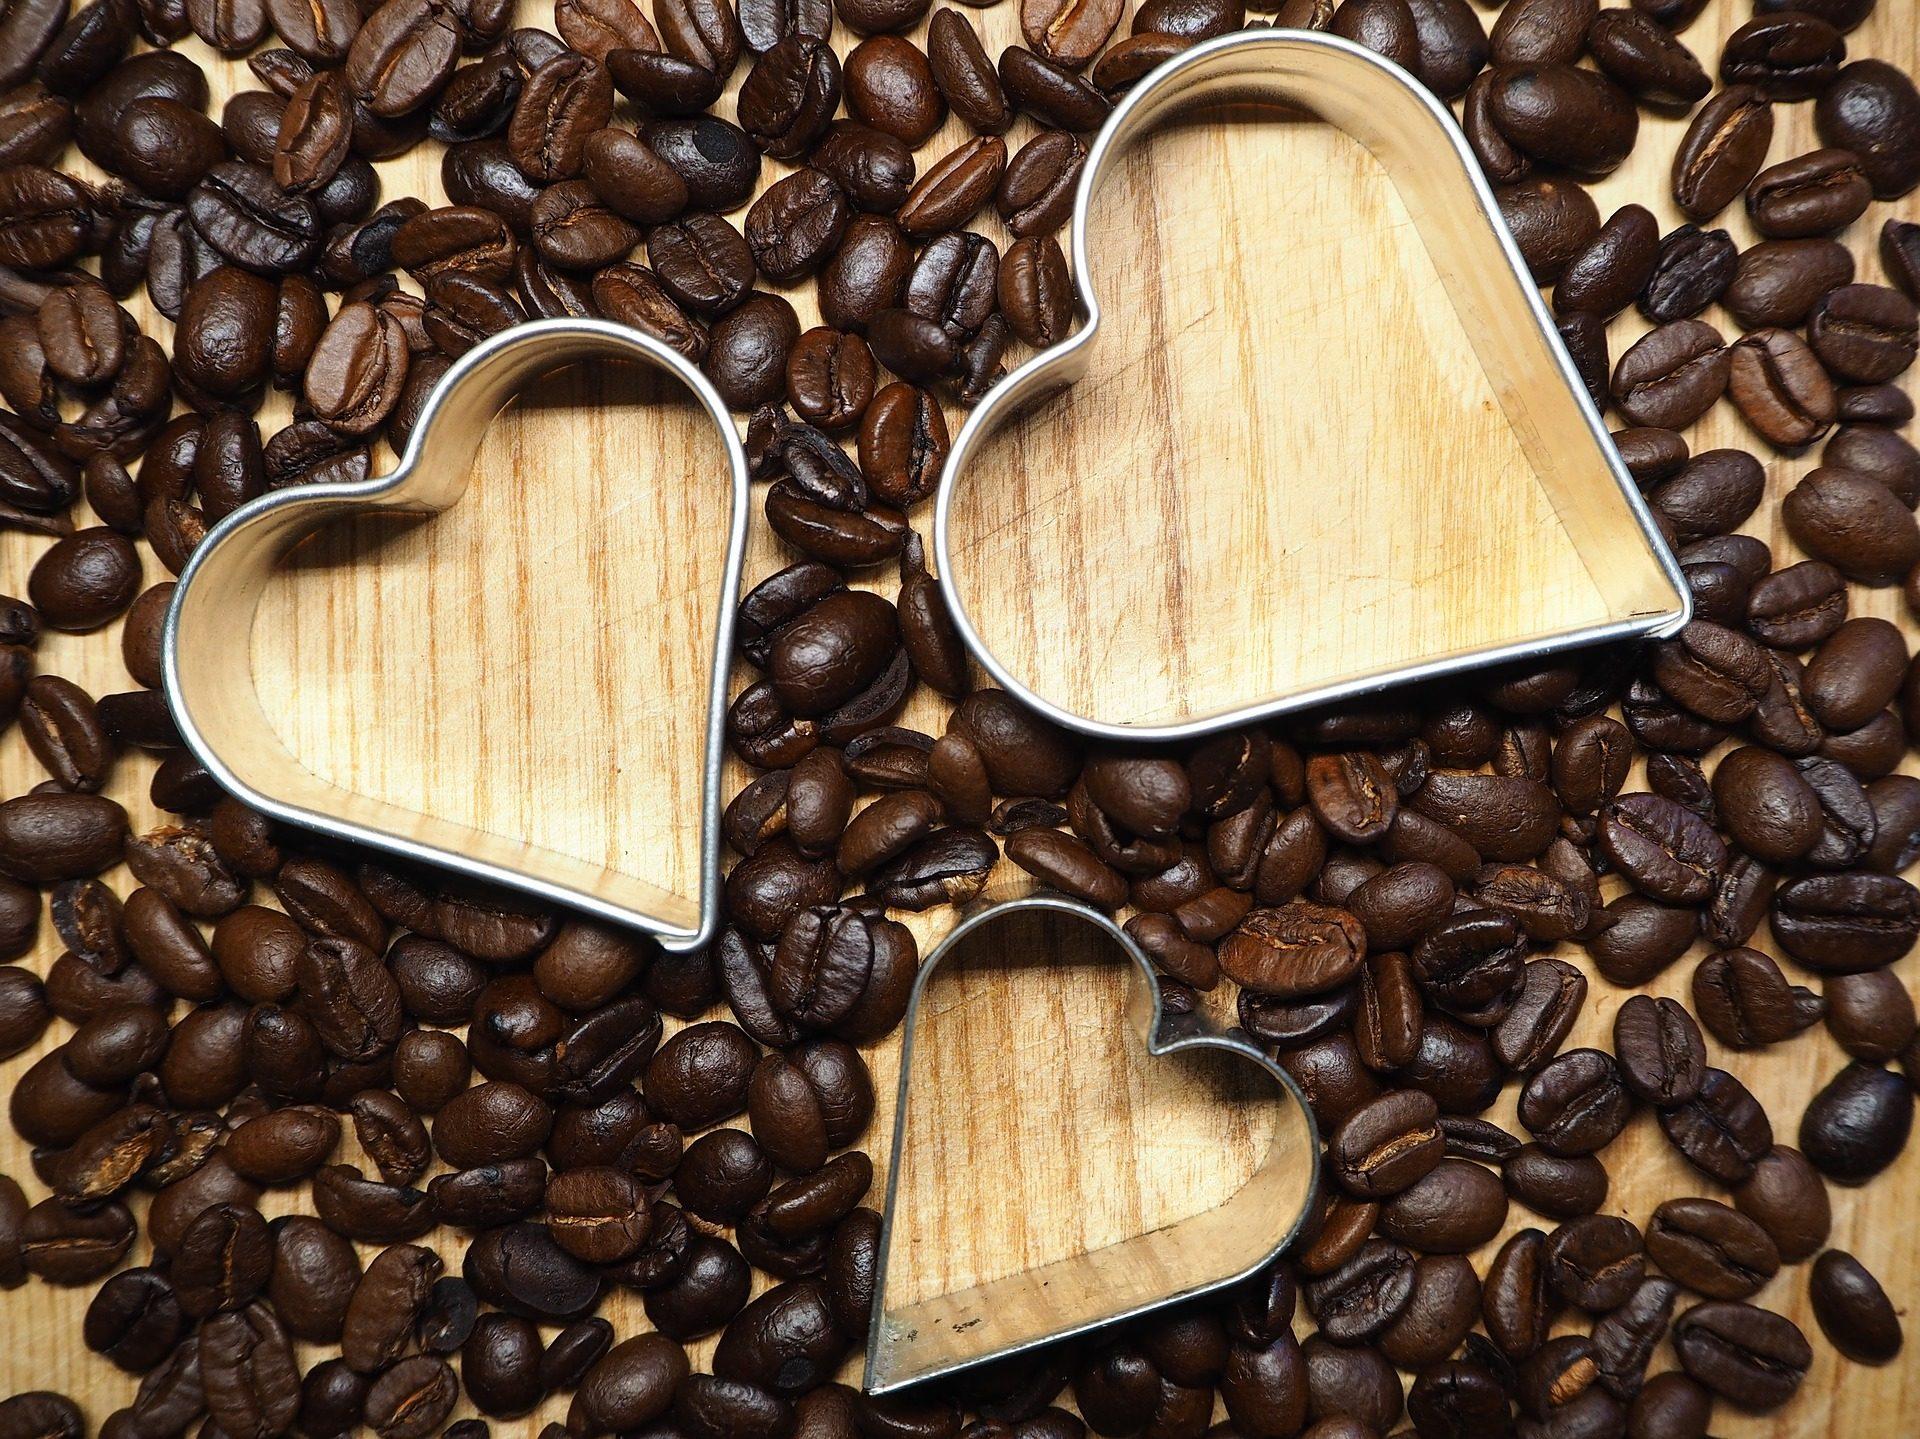 قوالب, قلوب, الحبوب, القهوة, الخشب - خلفيات عالية الدقة - أستاذ falken.com